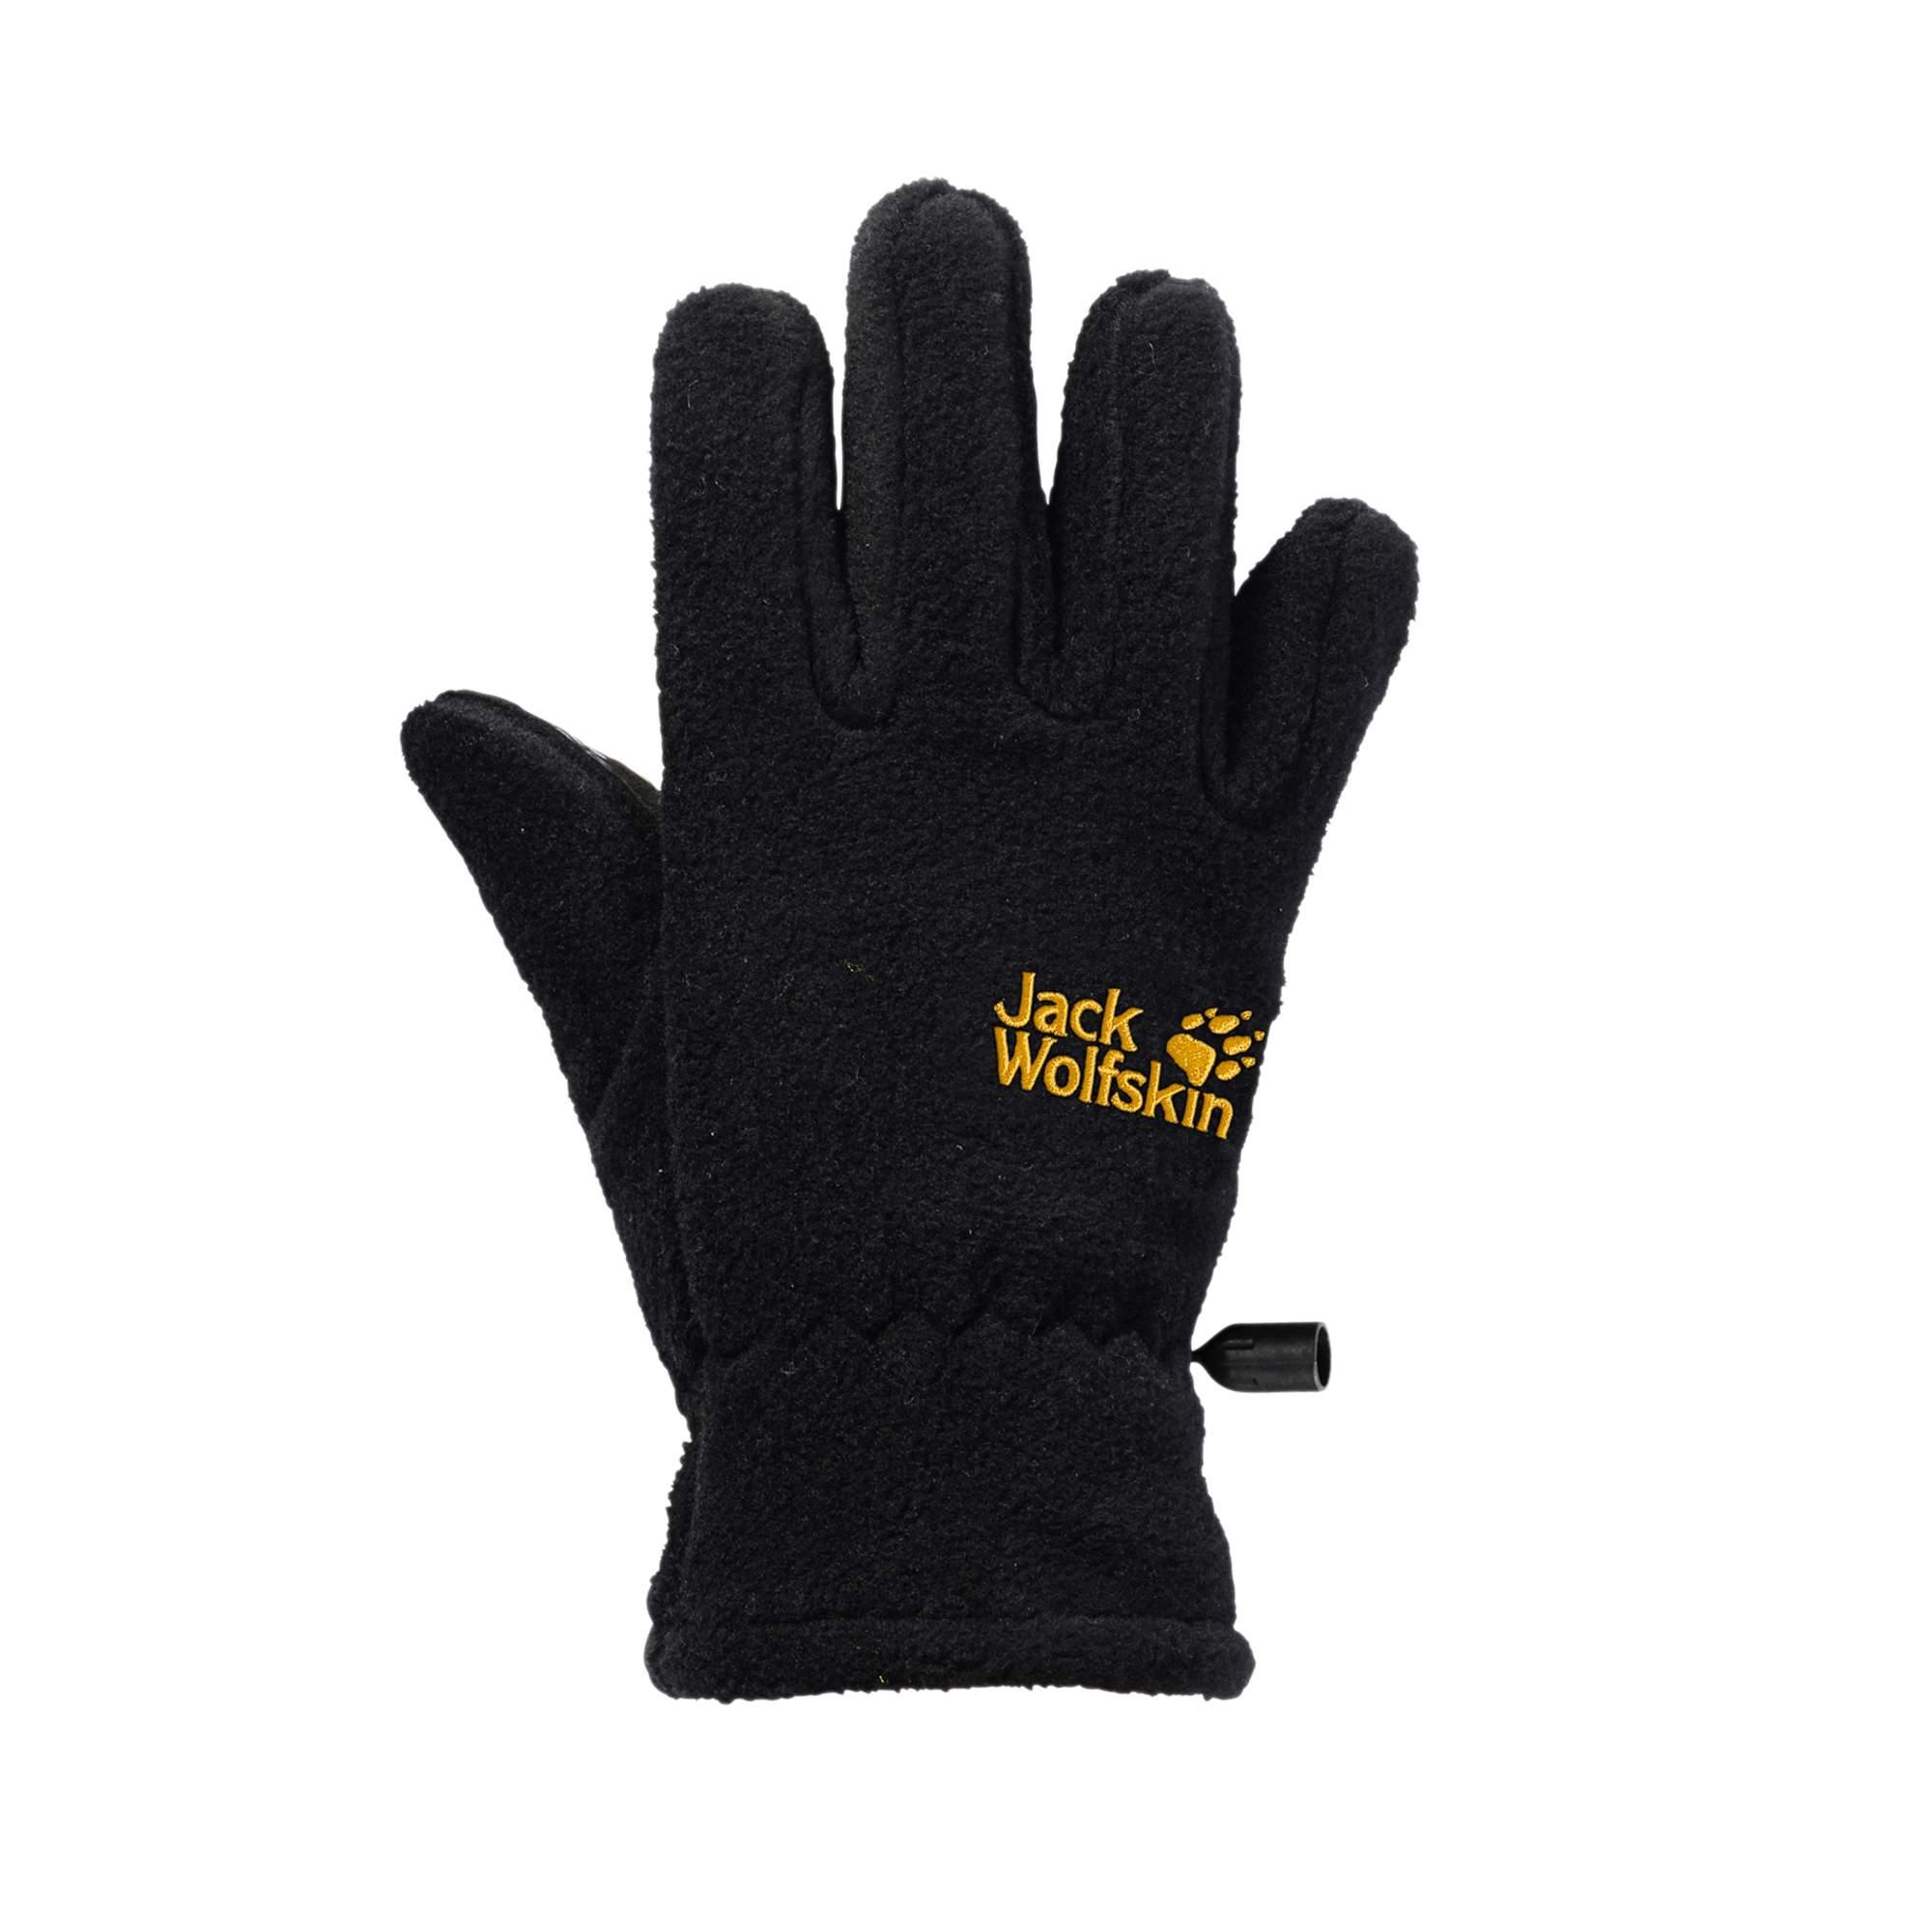 Jack Wolfskin Fleece Glove Kinder Gr. 116 - Handschuhe - schwarz